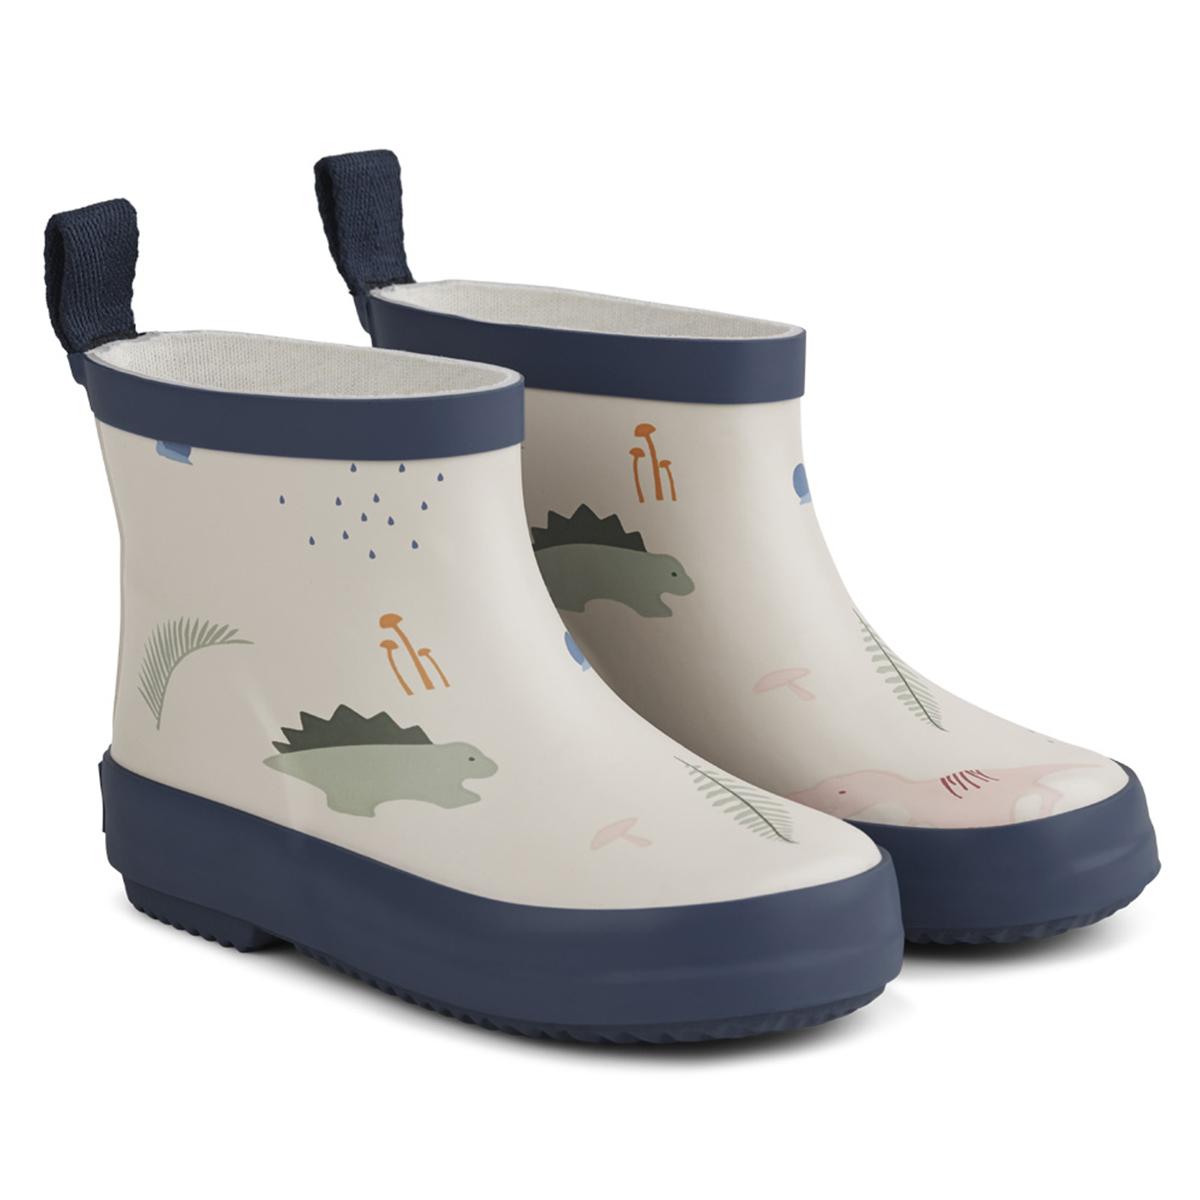 Chaussons & Chaussures Bottes de Pluie Tobi Dino Mix - 26